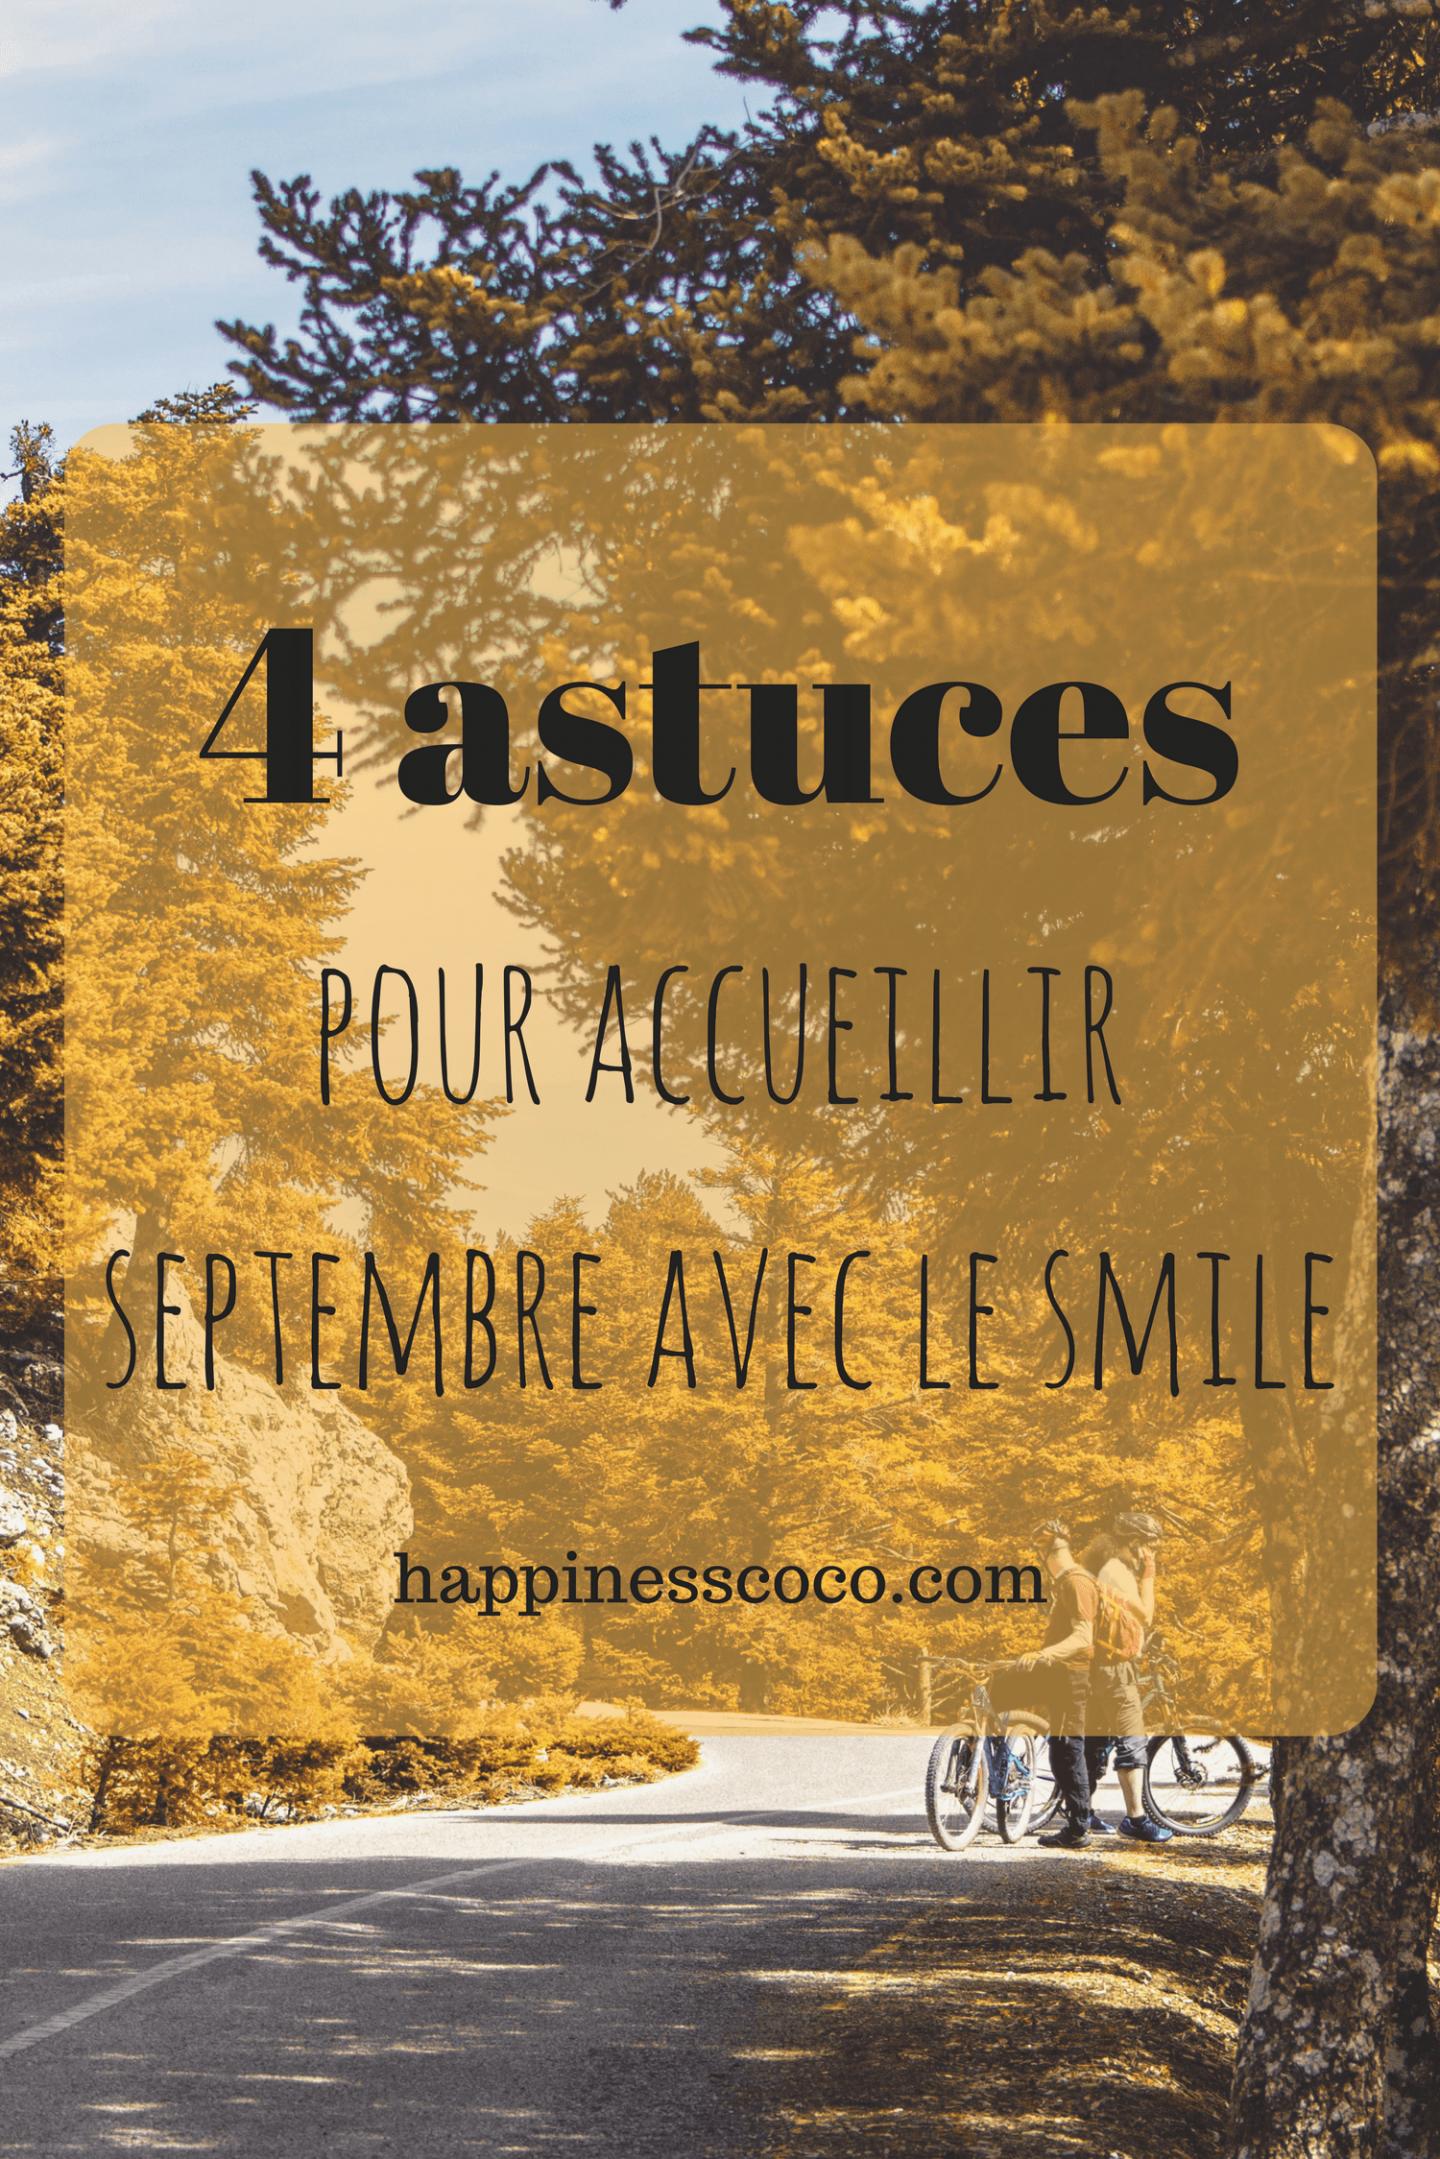 Mes 4 astuces pour accueillir le mois de septembre avec le smile | happinesscoco.com